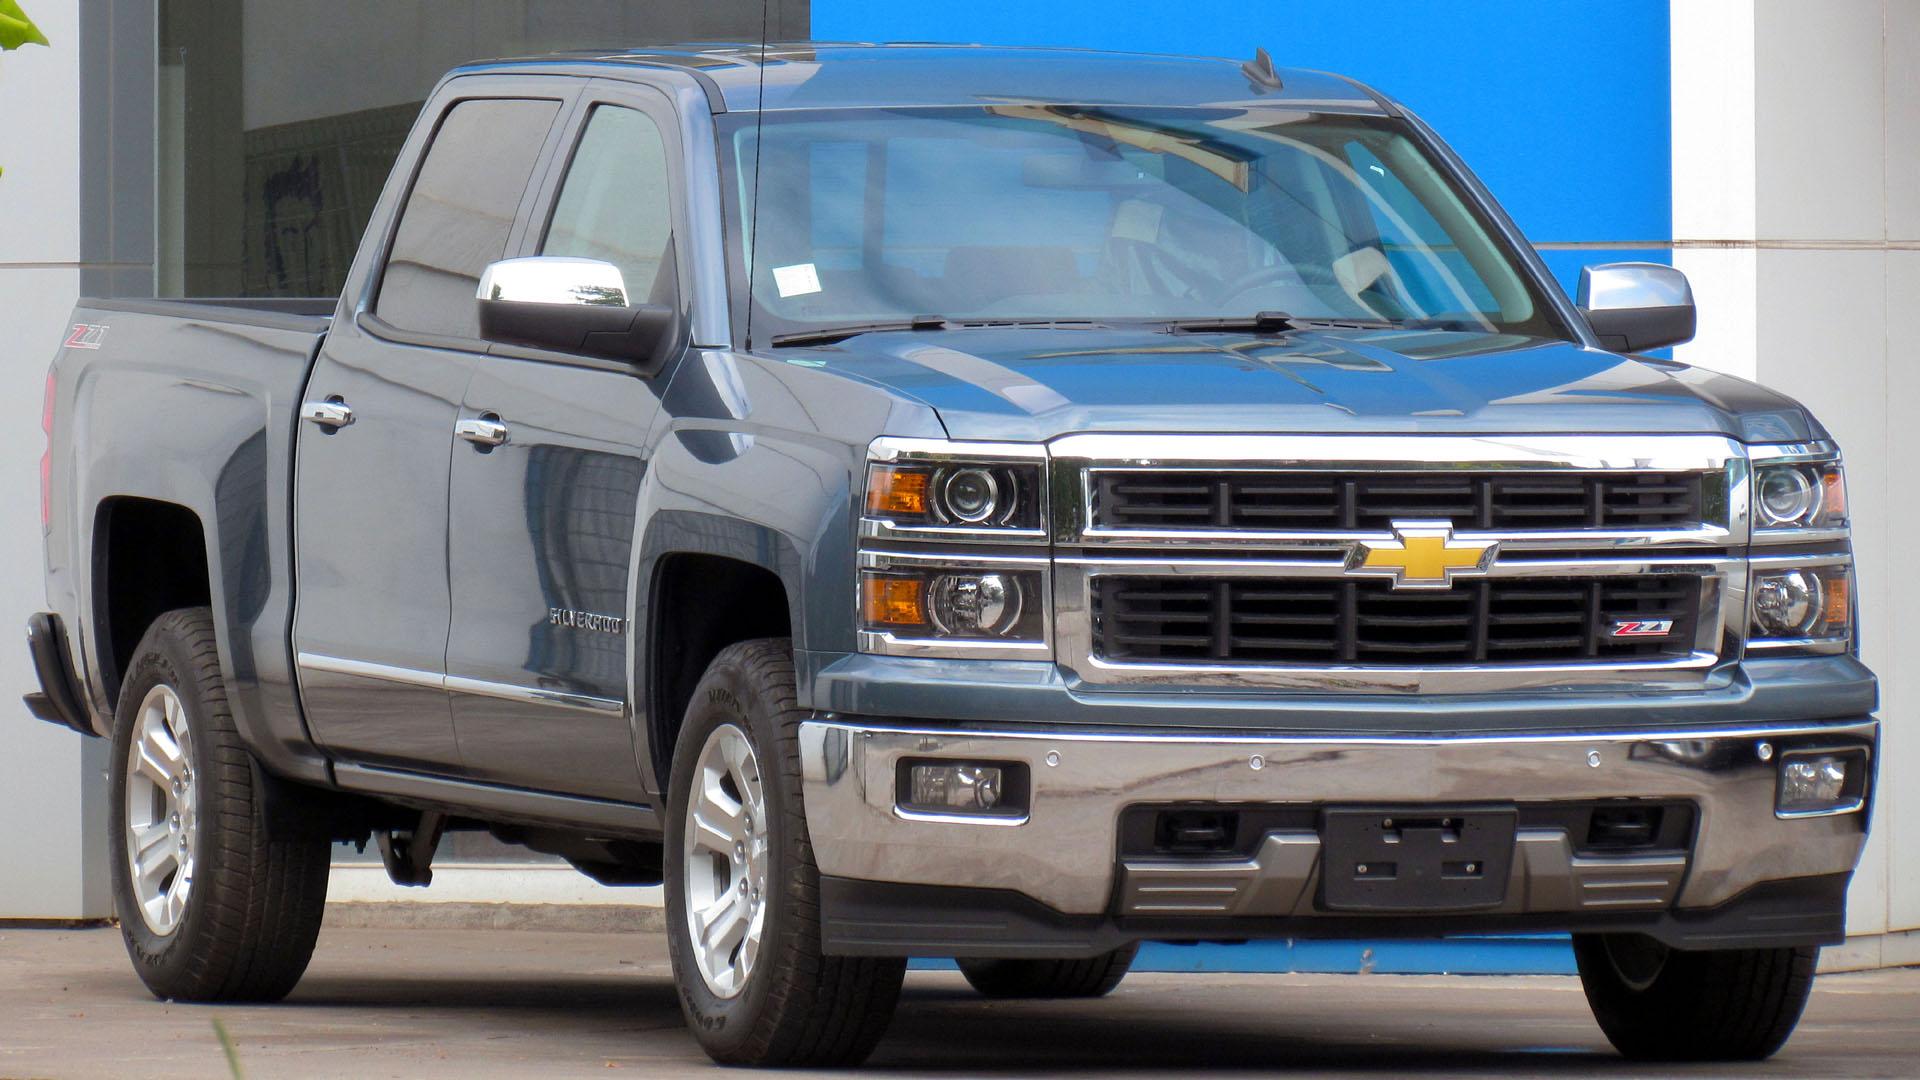 2014 Chevrolet Silverado16508325-159532